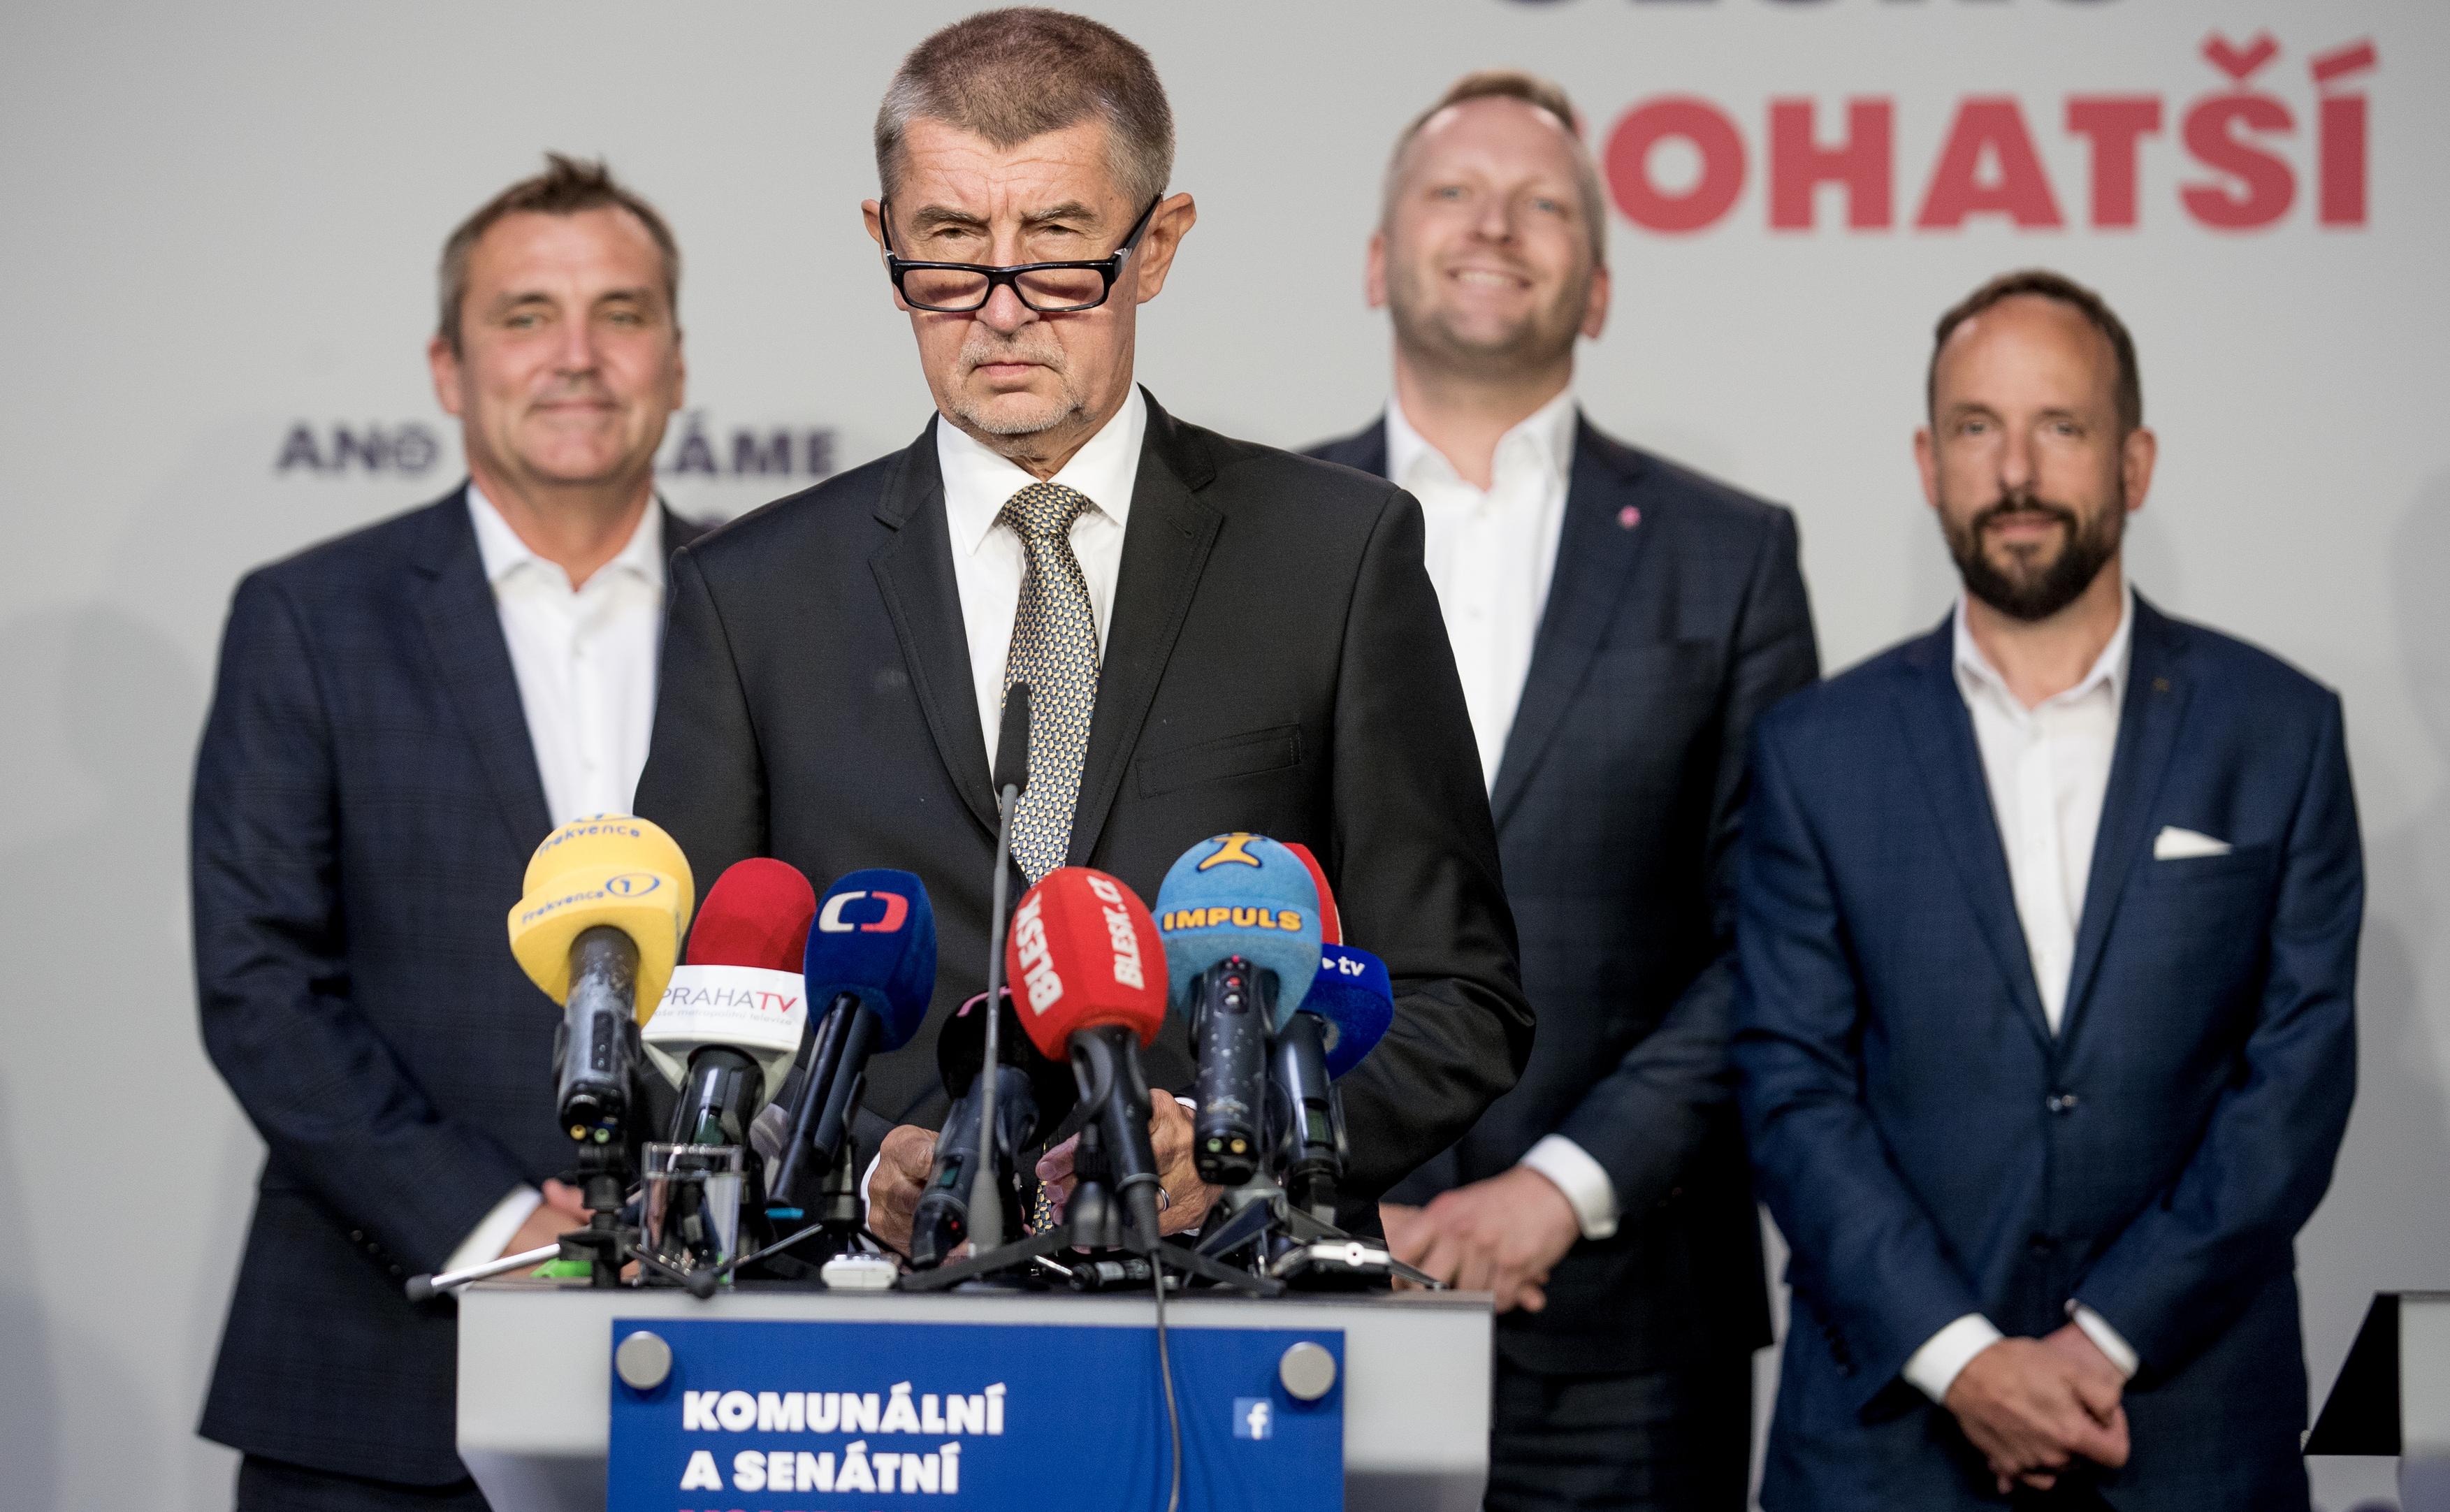 Premiér a šéf hnutí ANO Andrej Babiš během zahájení předvolební kampaně pro komunální volby